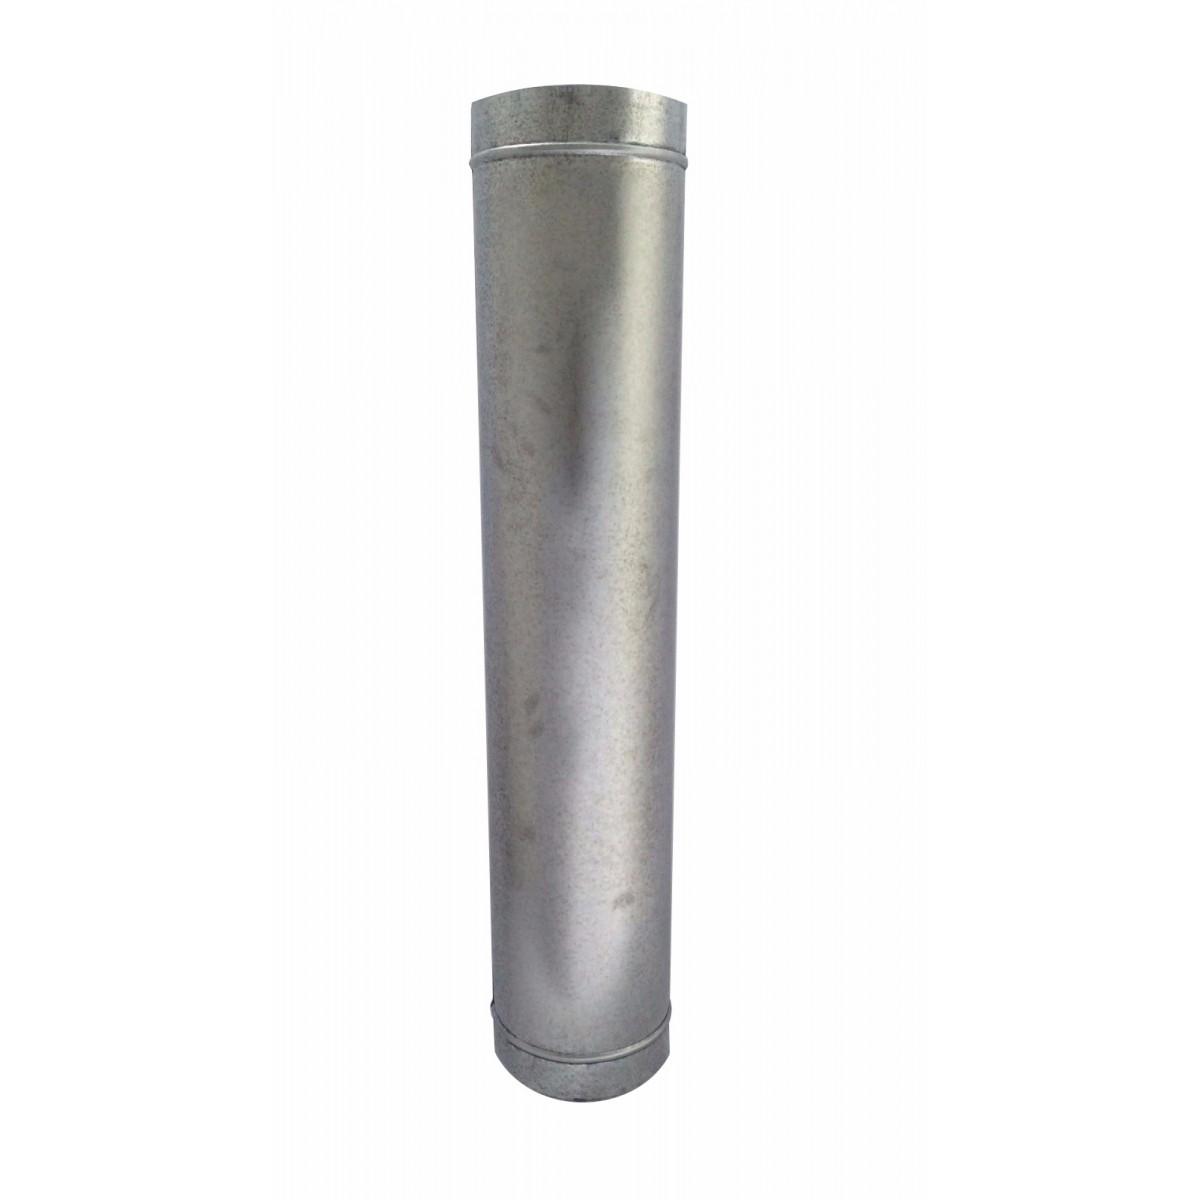 Duto galvanizado para chaminé de 180 mm de diâmetro  - Galvocalhas